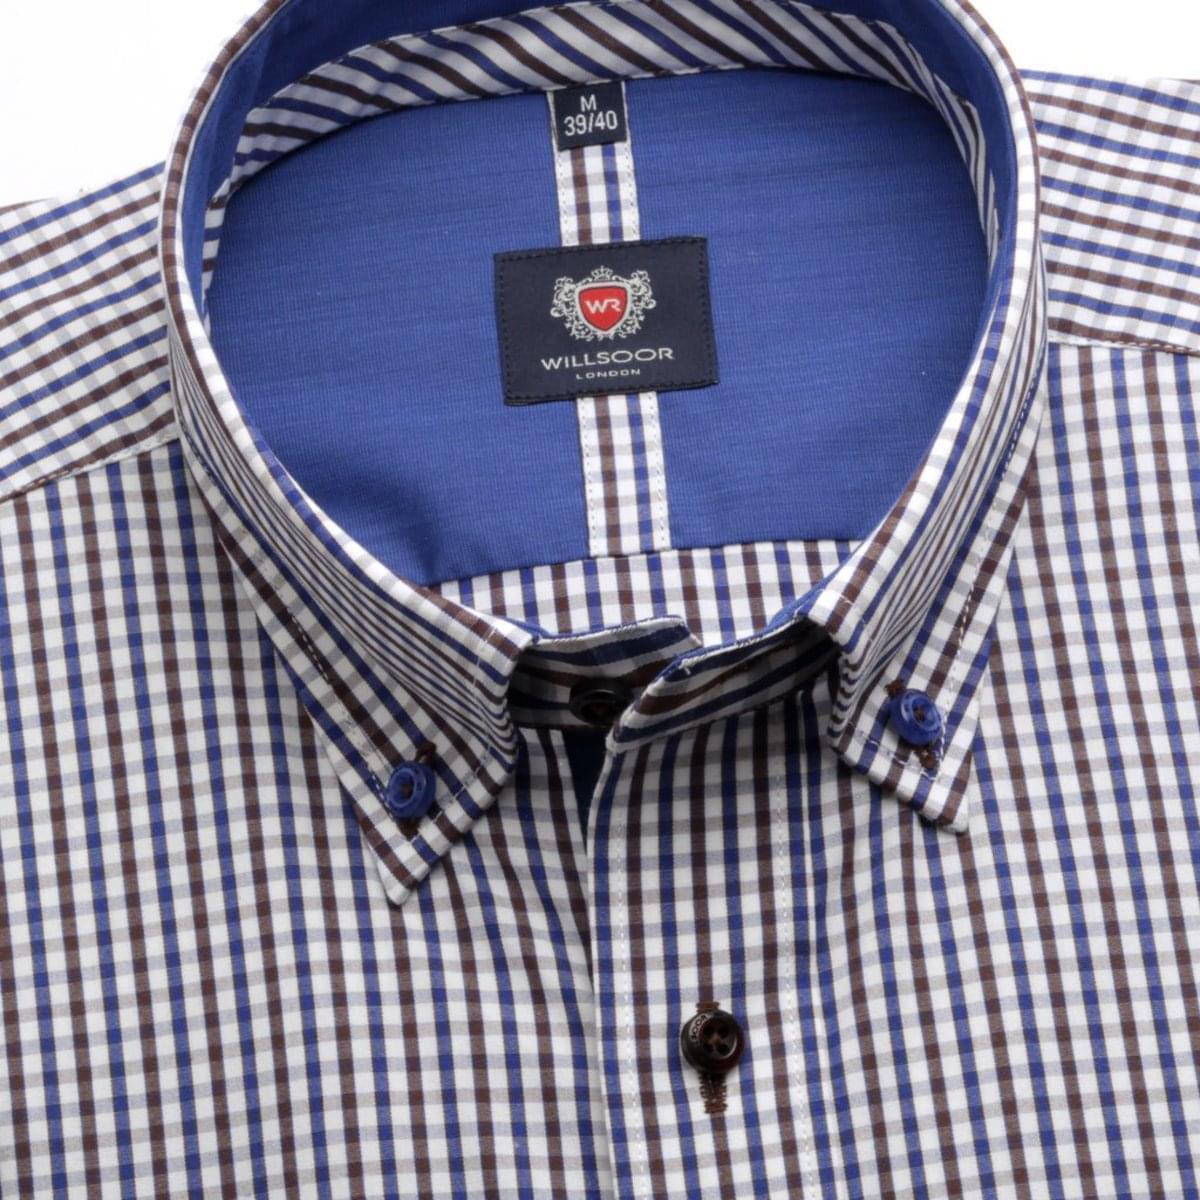 Pánská košile London (výška 176-182) 5716 v bílé barvě s barevnou kostkou